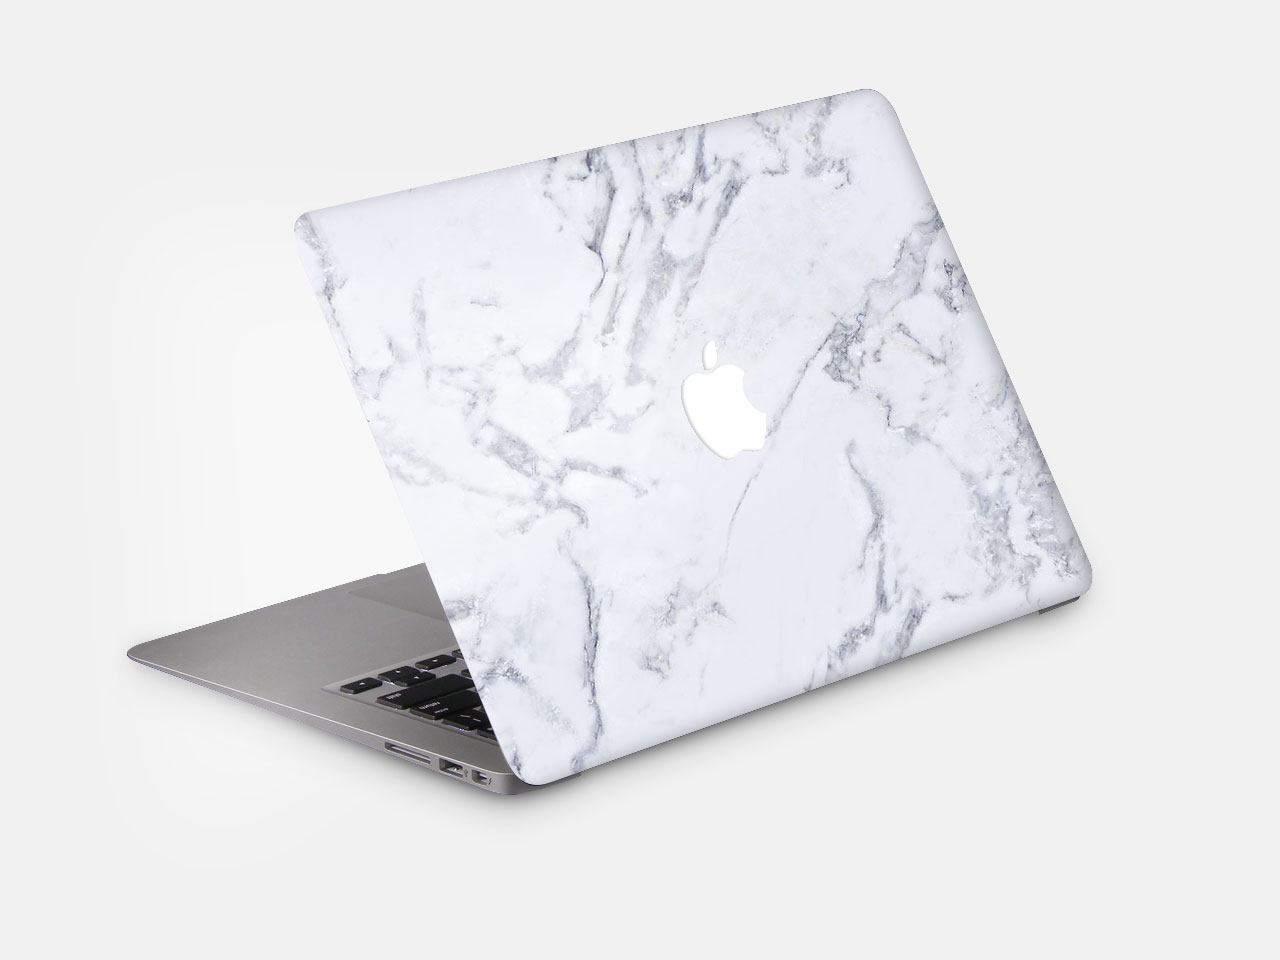 电脑外壳保护膜贴纸 苹果笔记本电脑外壳保护贴膜贴纸 创意彩贴